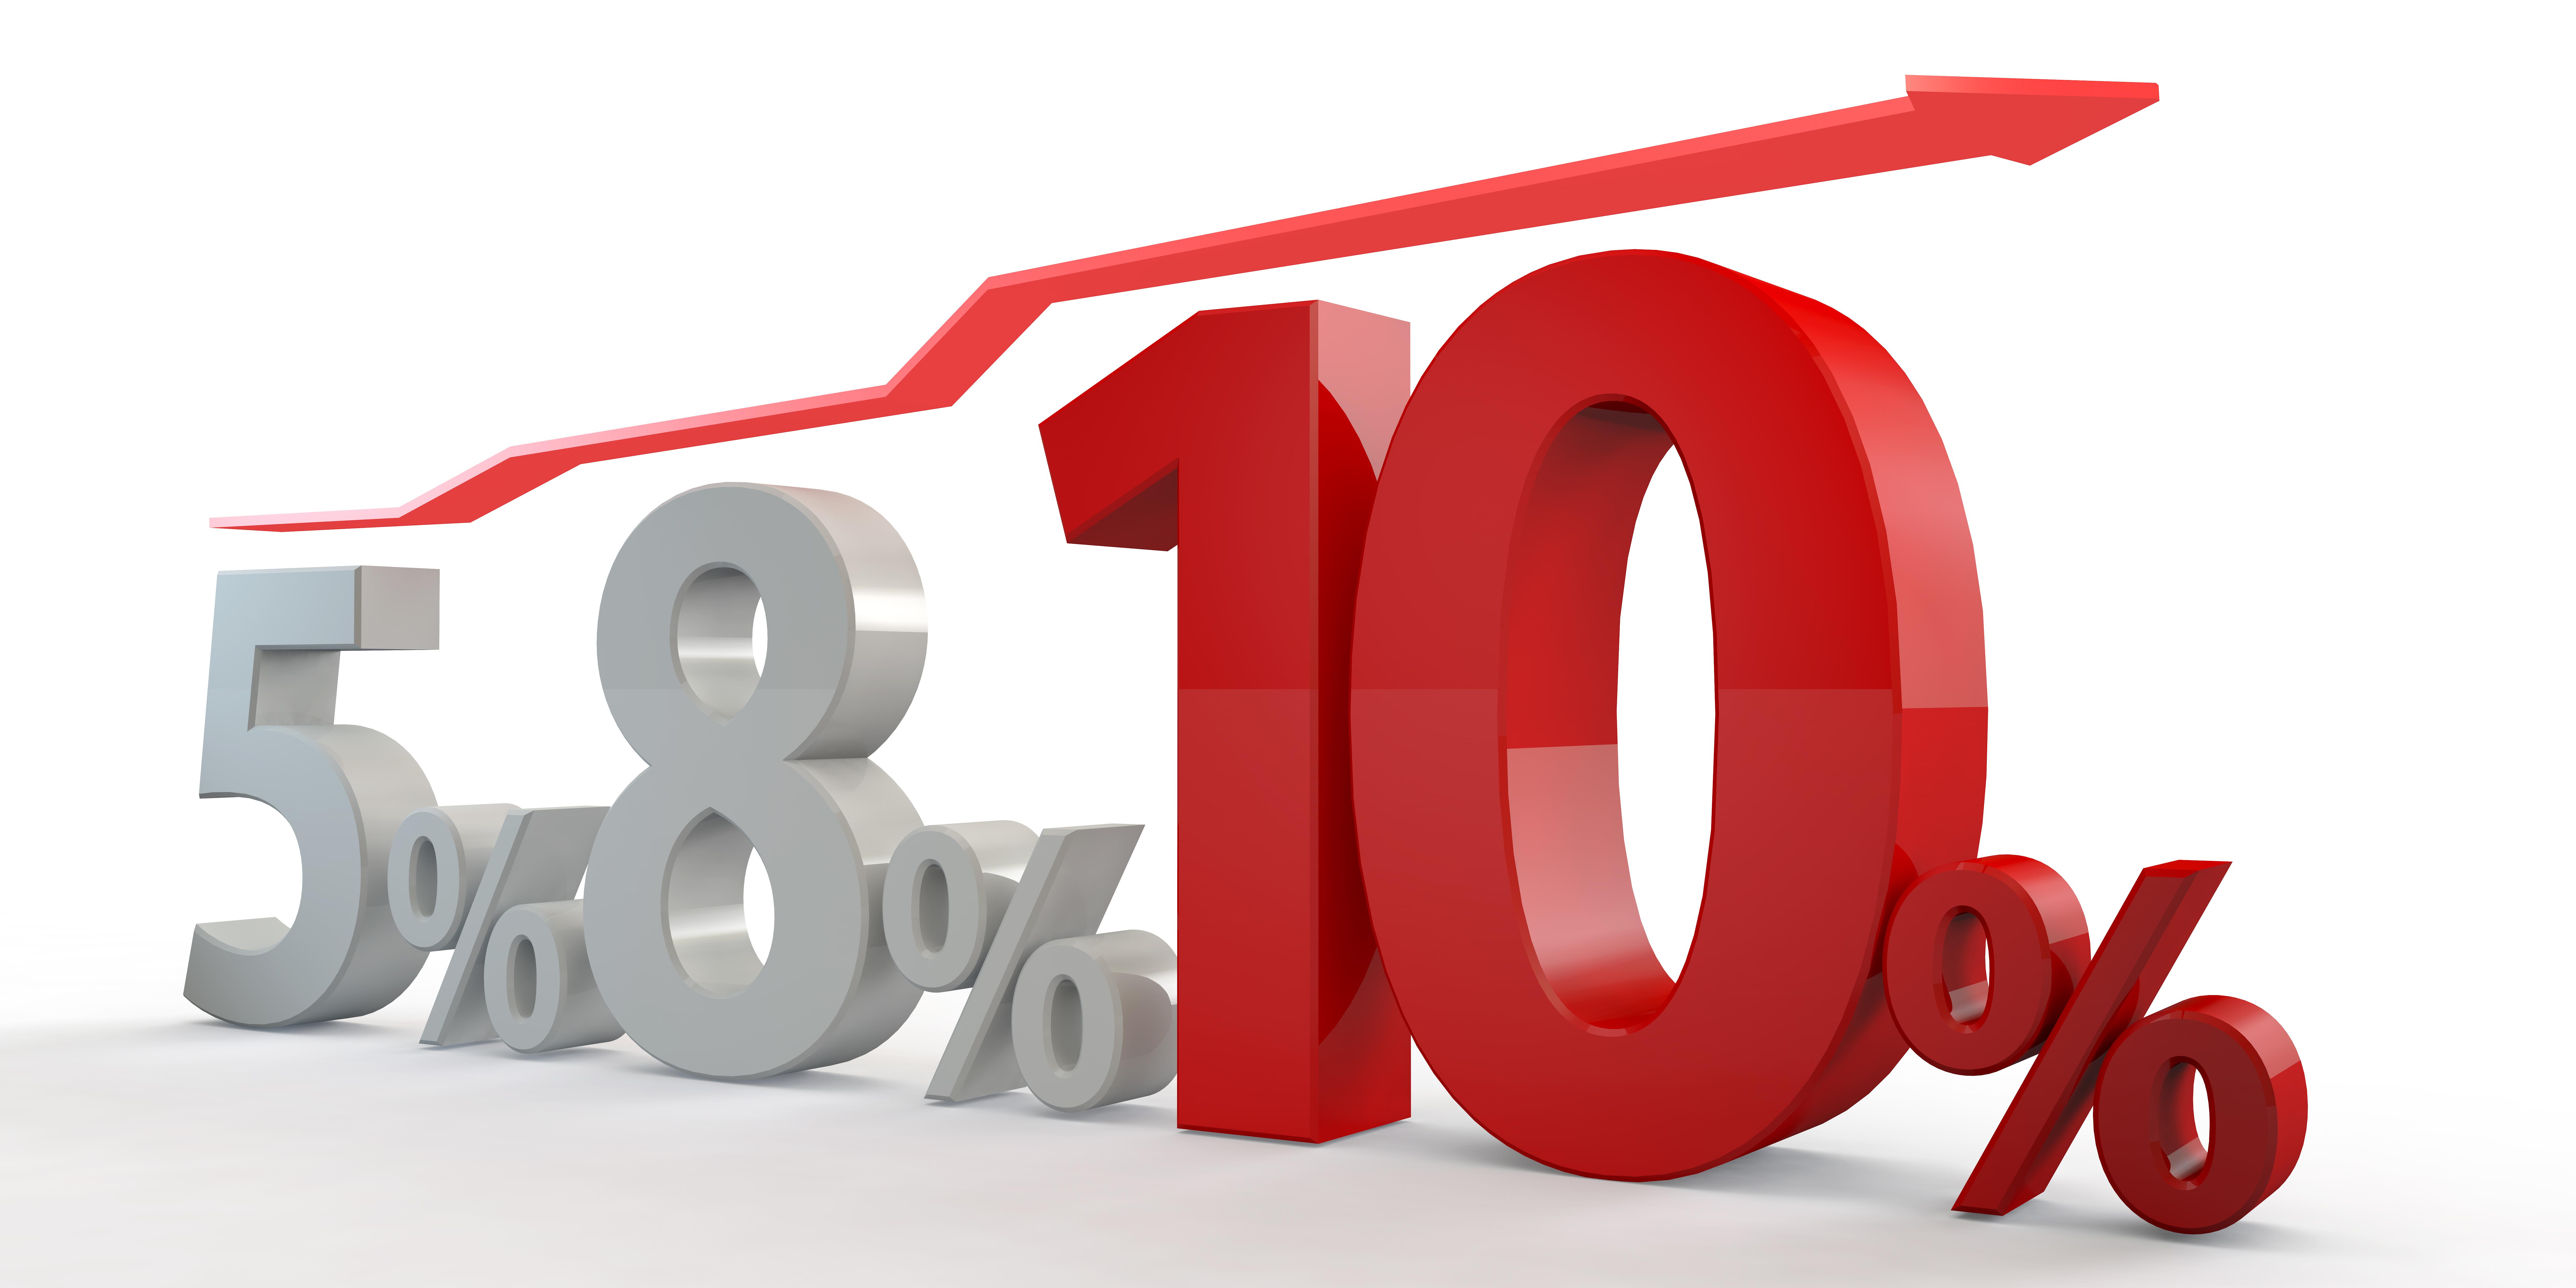 消費税法の改定に伴う弊社サービス利用料の消費税率の変更のお知らせ